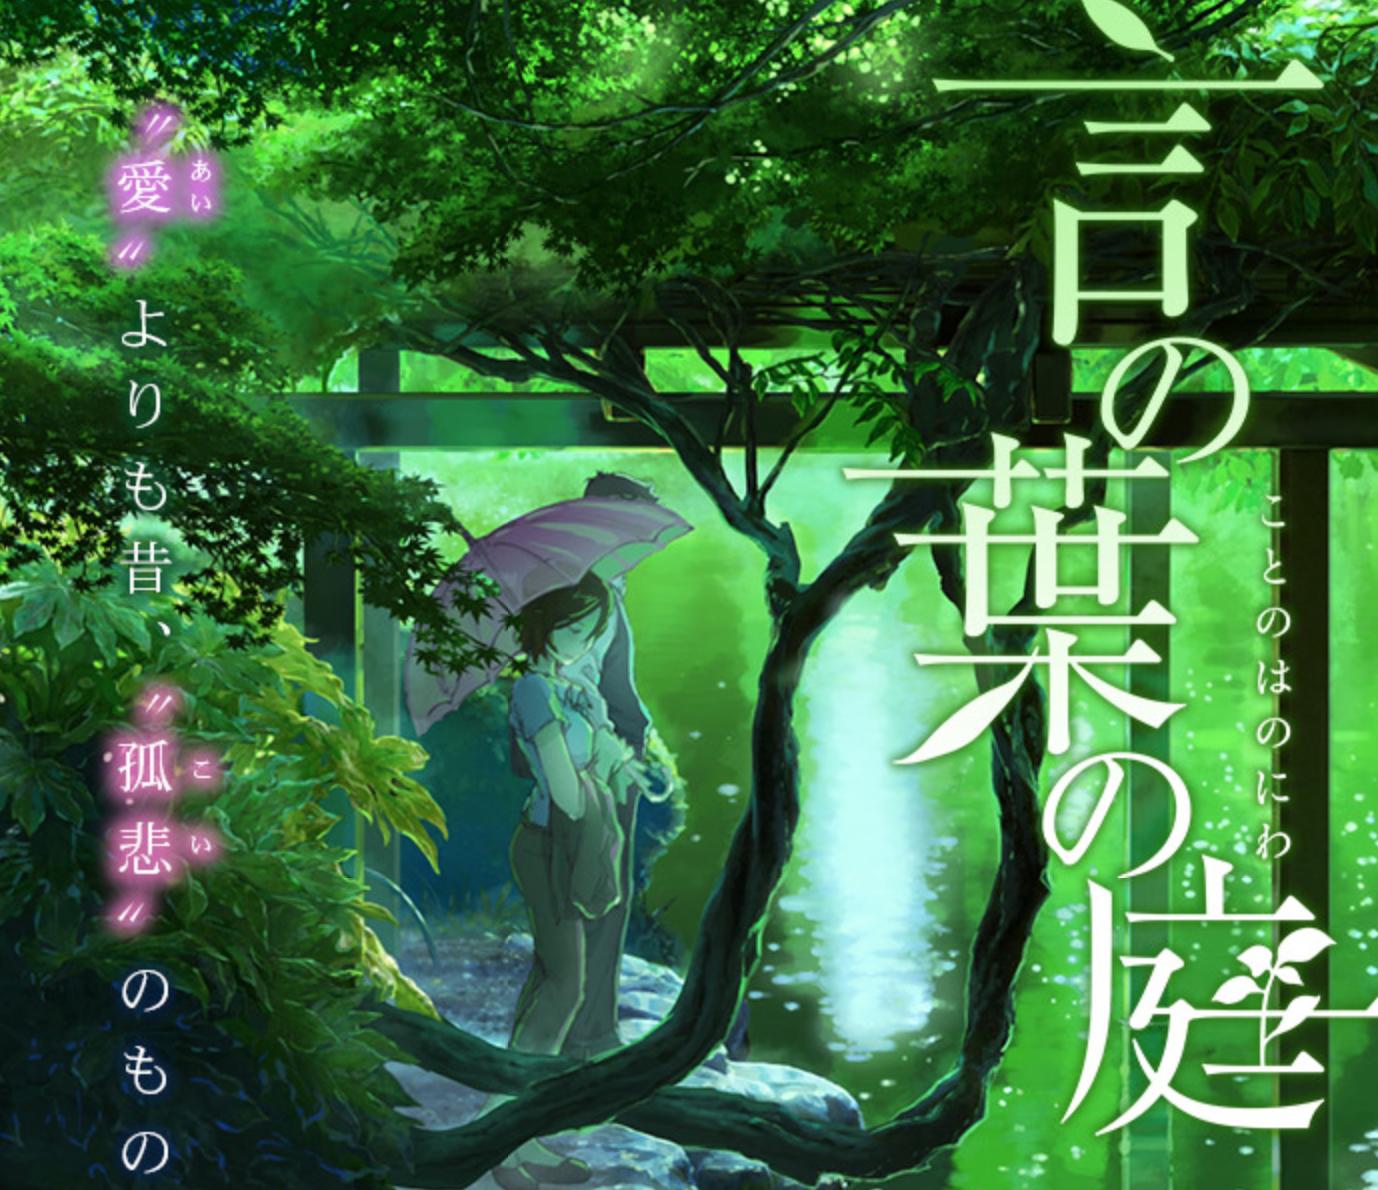 何かを伝える2つの手段〜アニメーション監督 新海誠さんから得た気づき〜